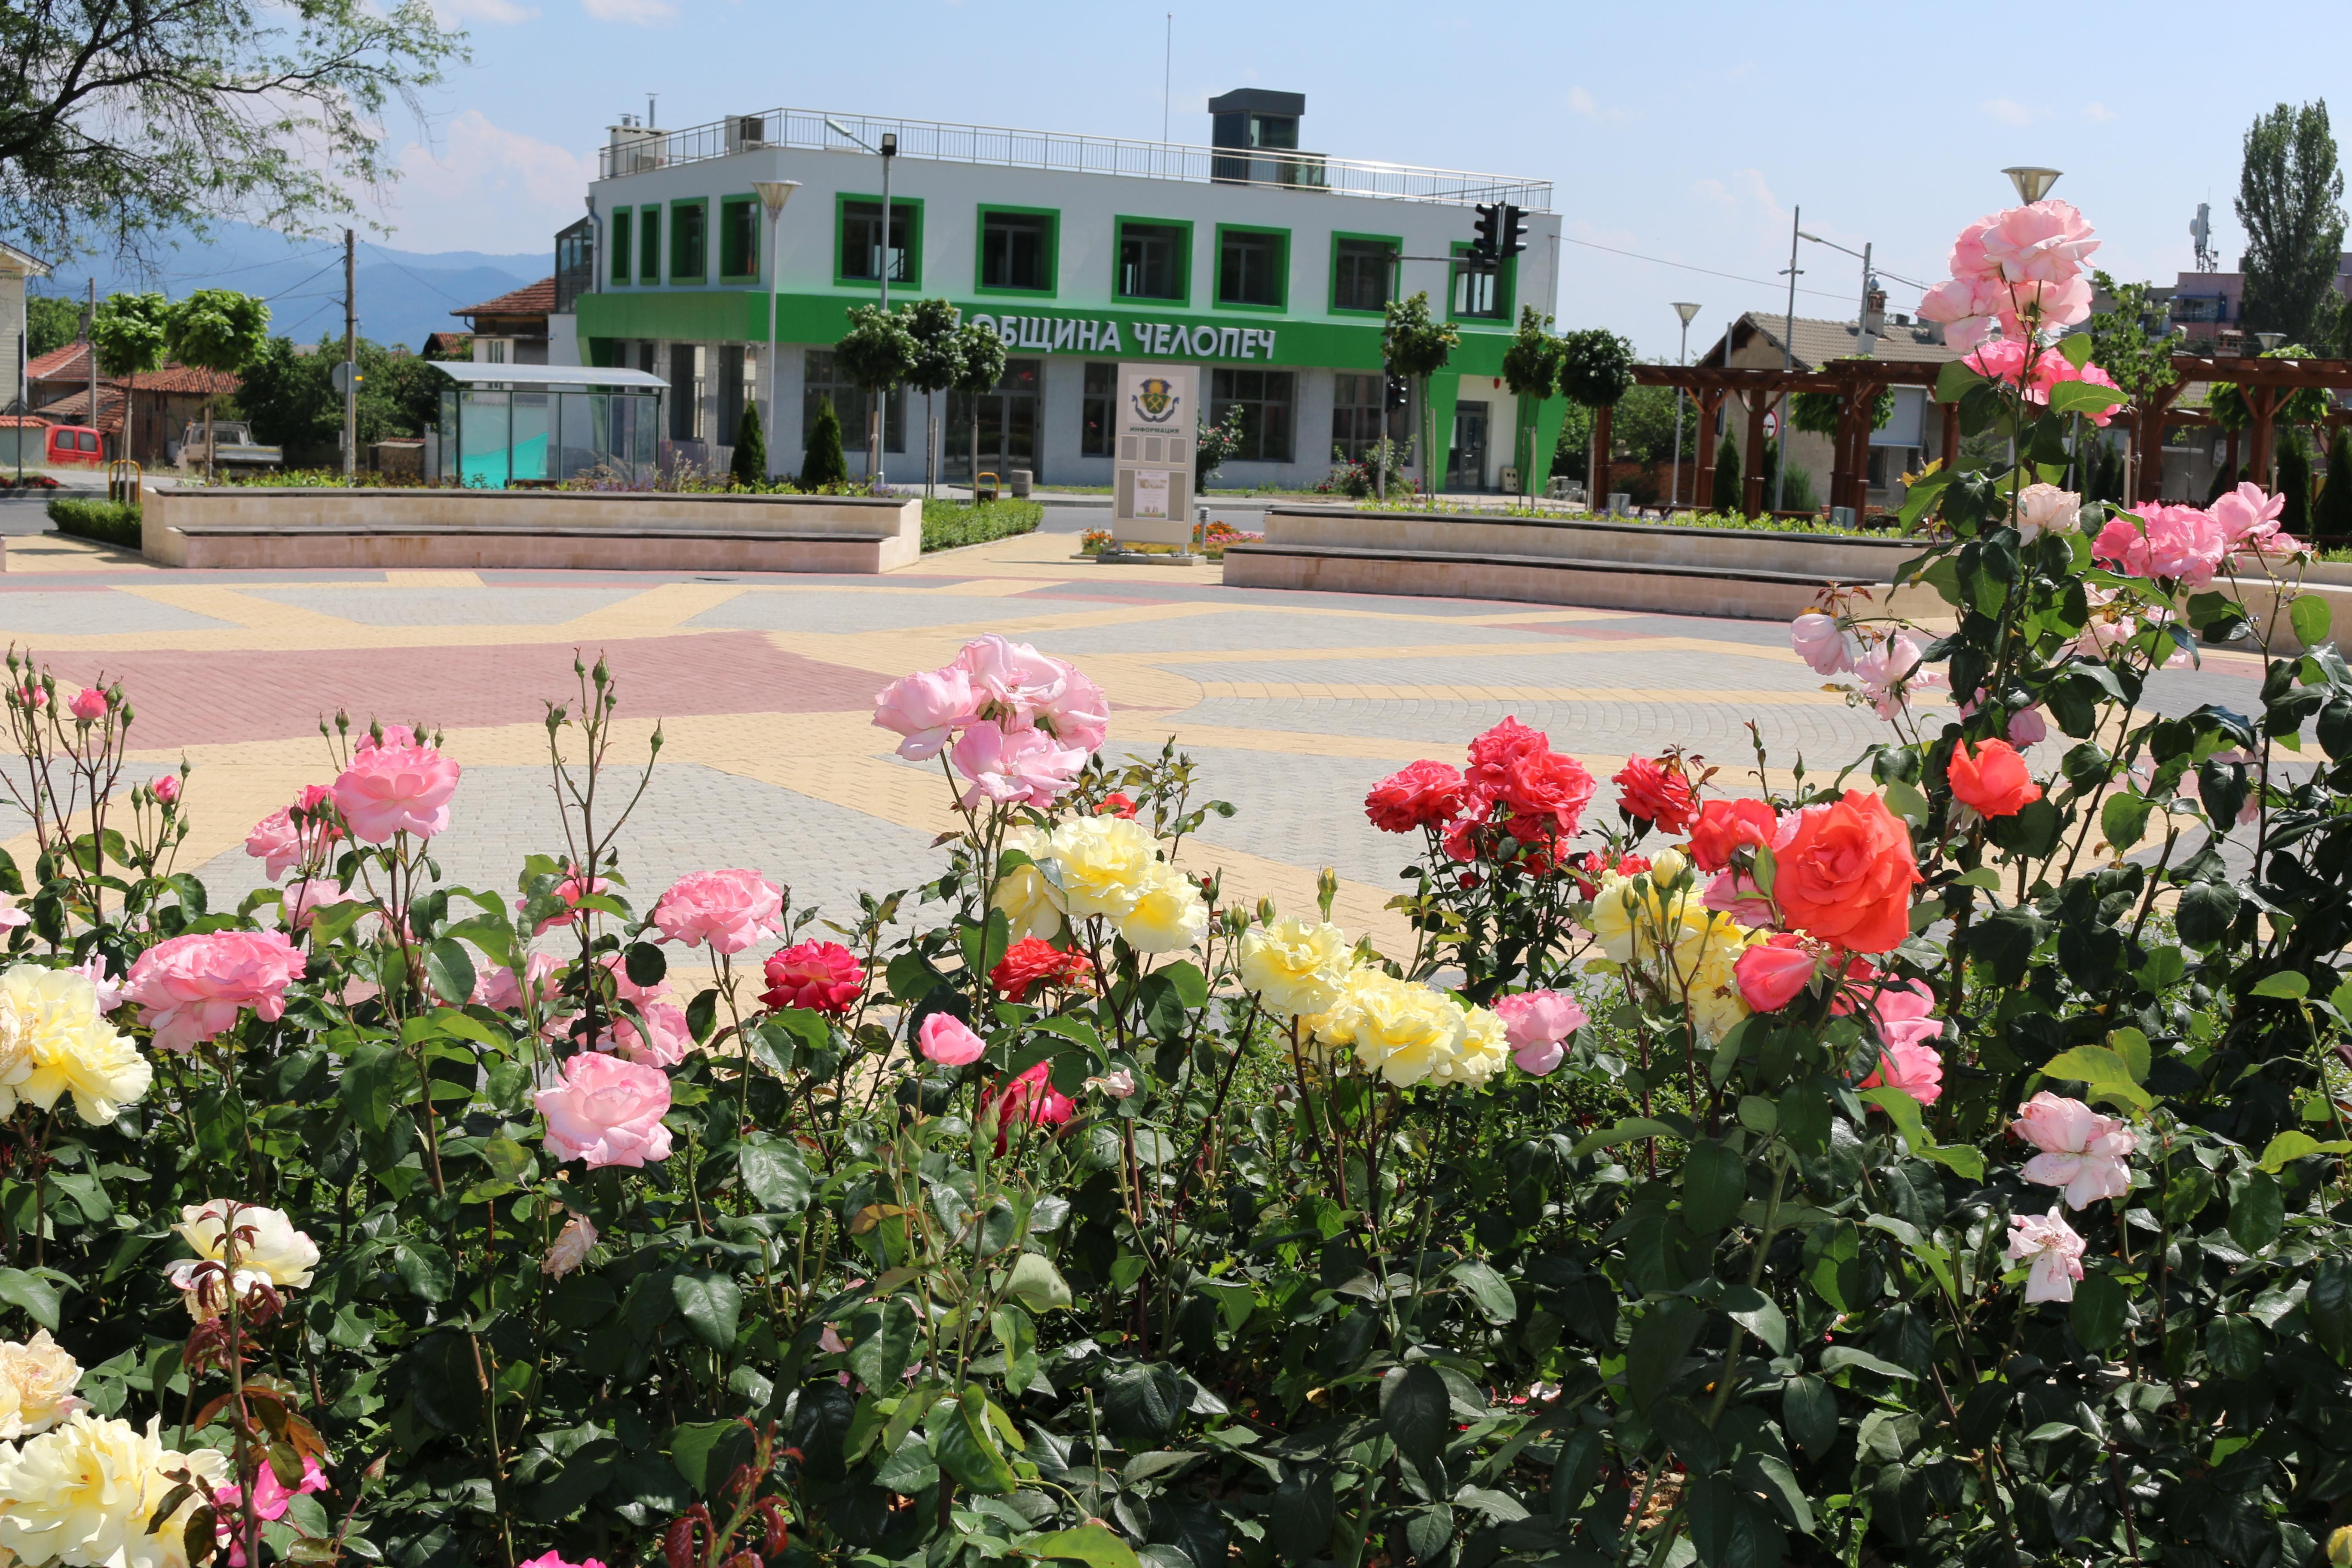 Сграда-община